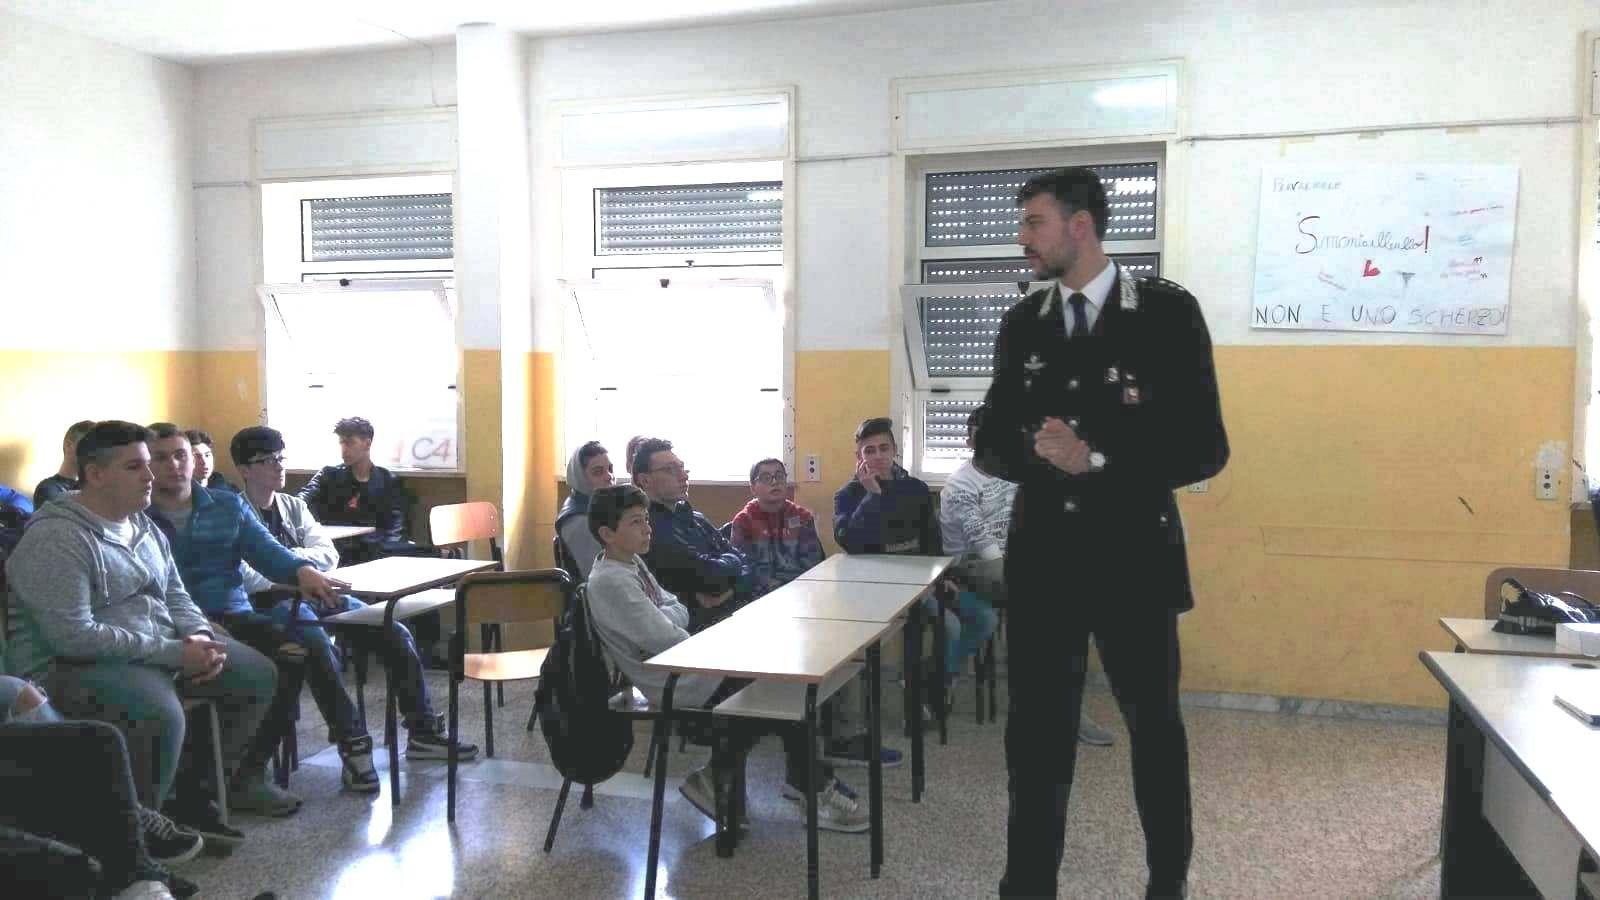 Ufficio Di Collocamento Francavilla Fontana : Francavilla fontana tratto in arresto dopo inseguimento in auto